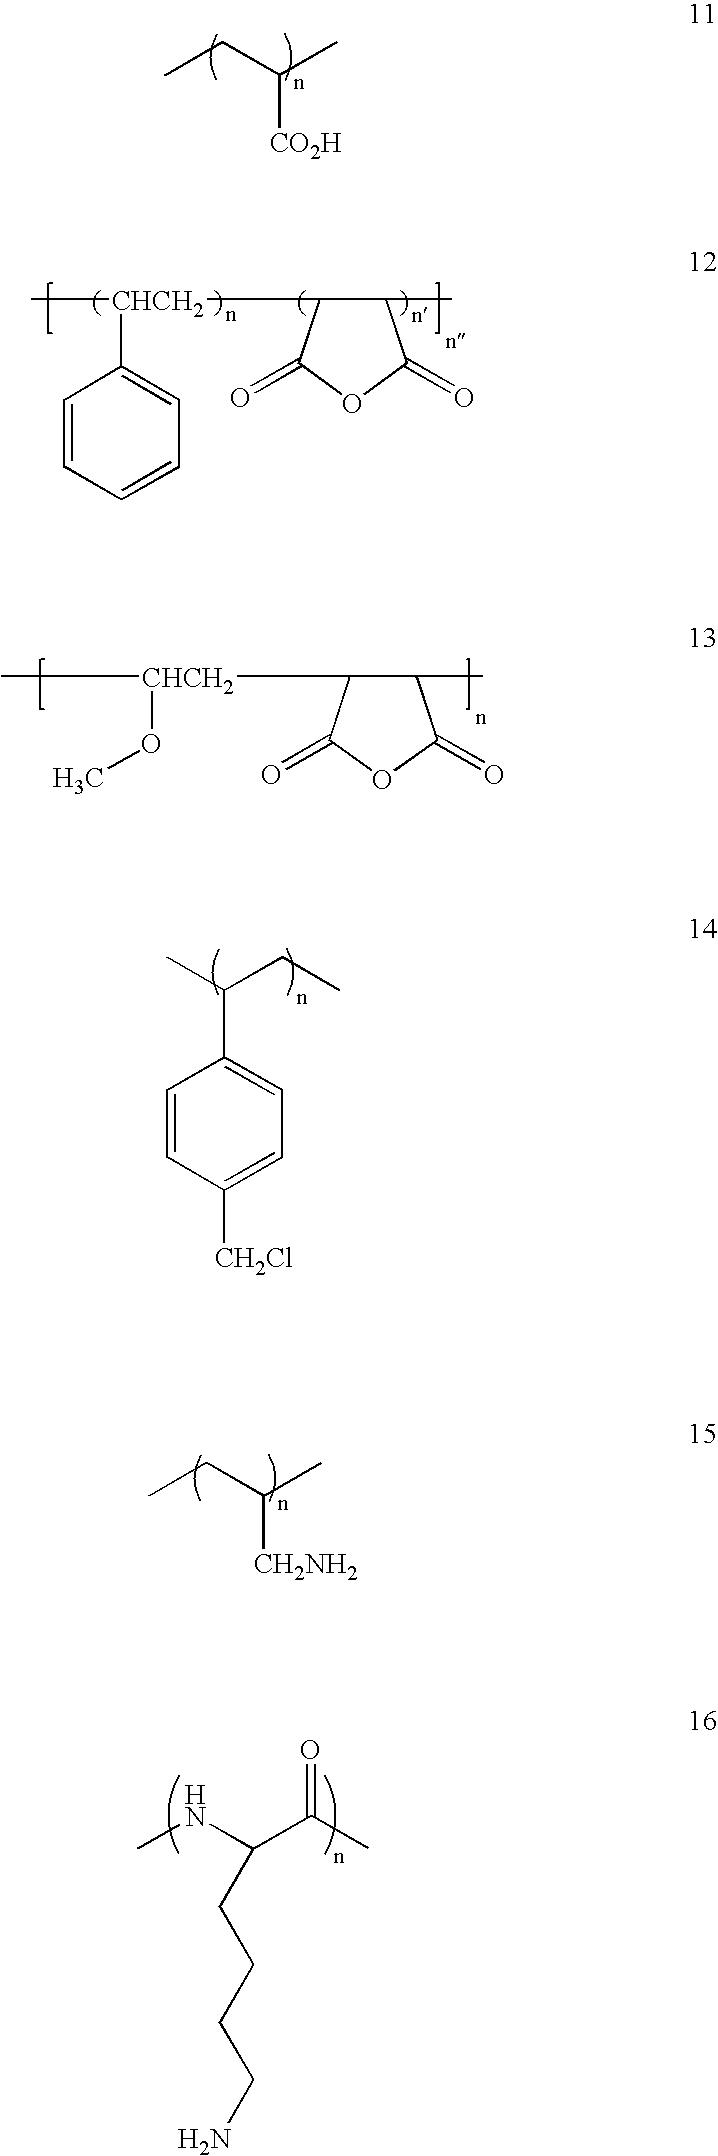 Figure US20040040840A1-20040304-C00027